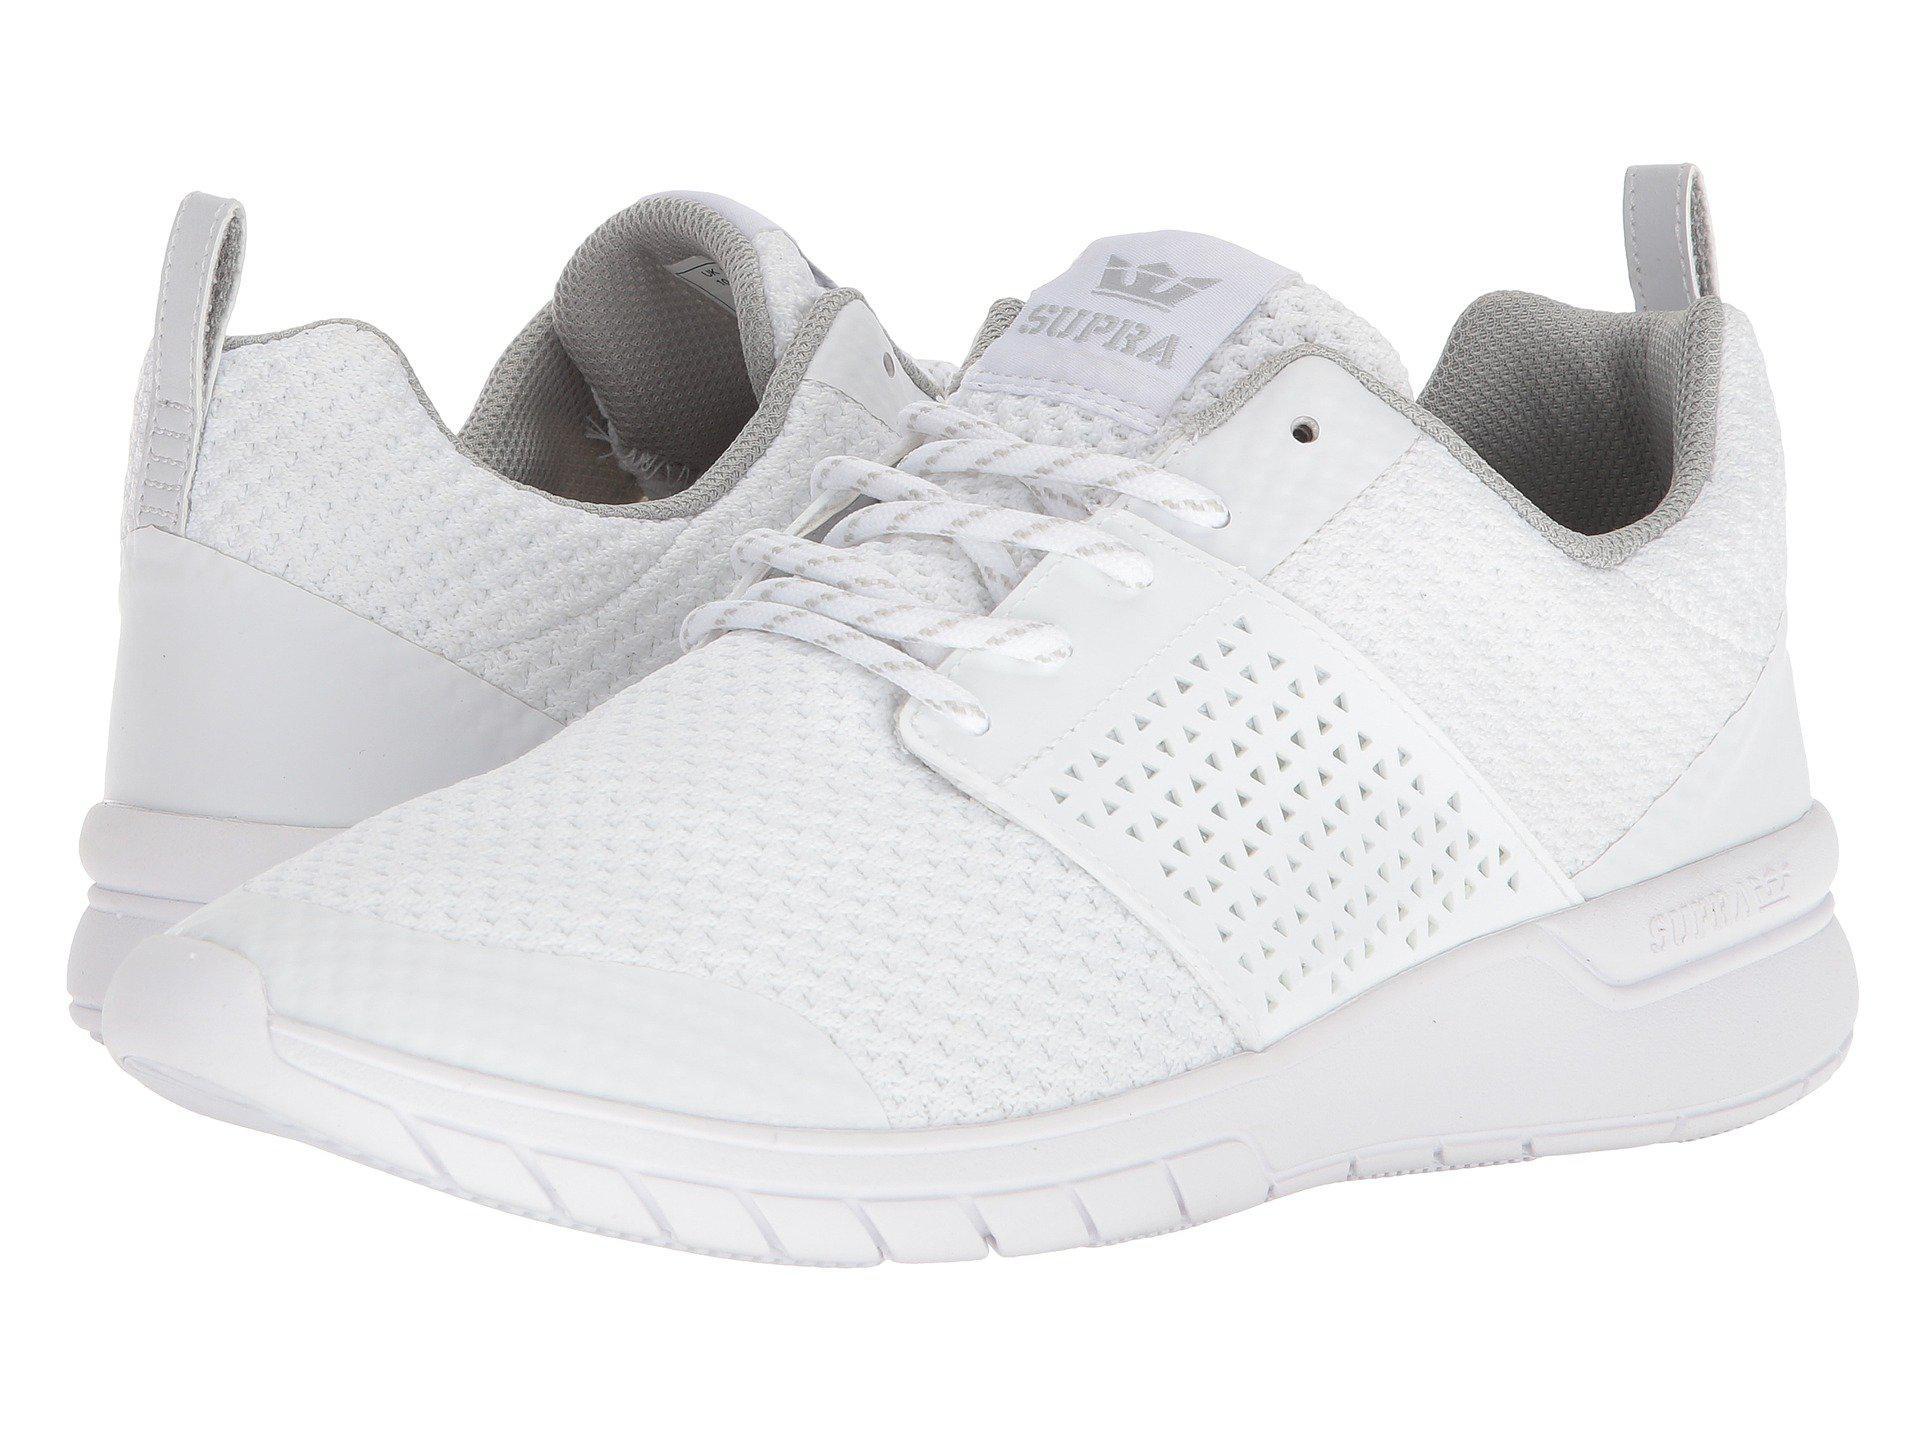 798cd5a90c36 Lyst - Supra Scissor (light Grey white) Men s Skate Shoes in White ...